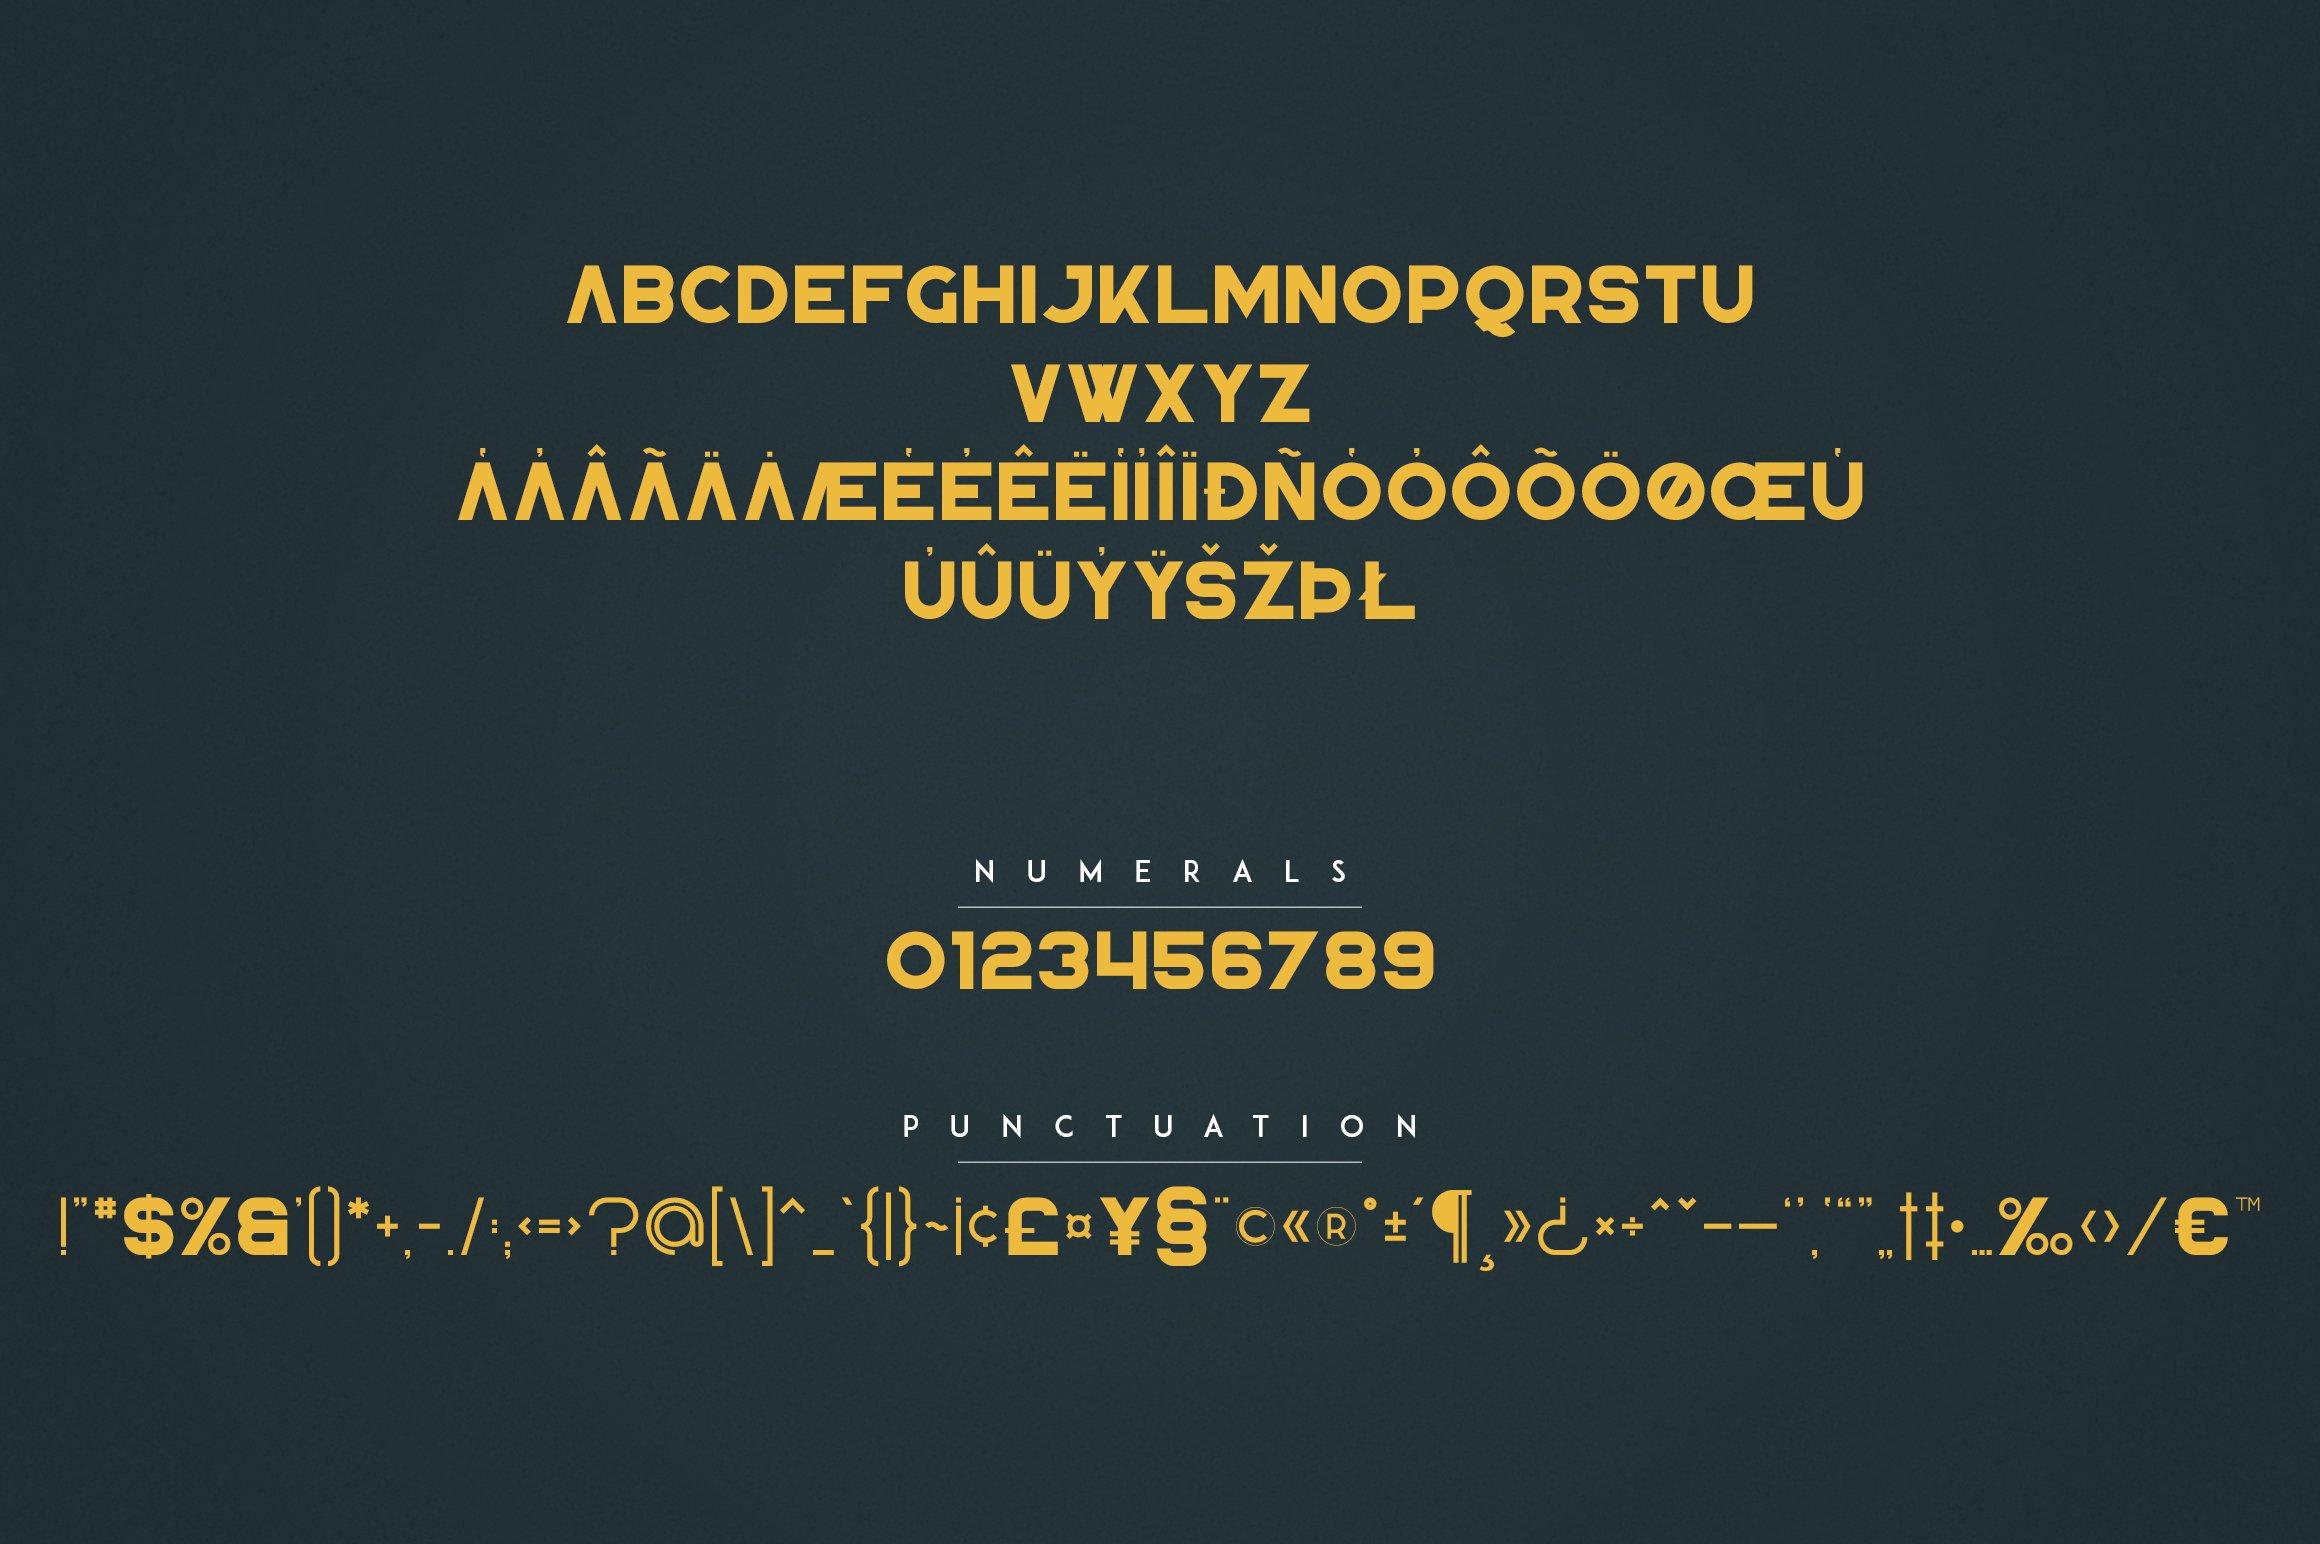 General view of font7. Republiko.